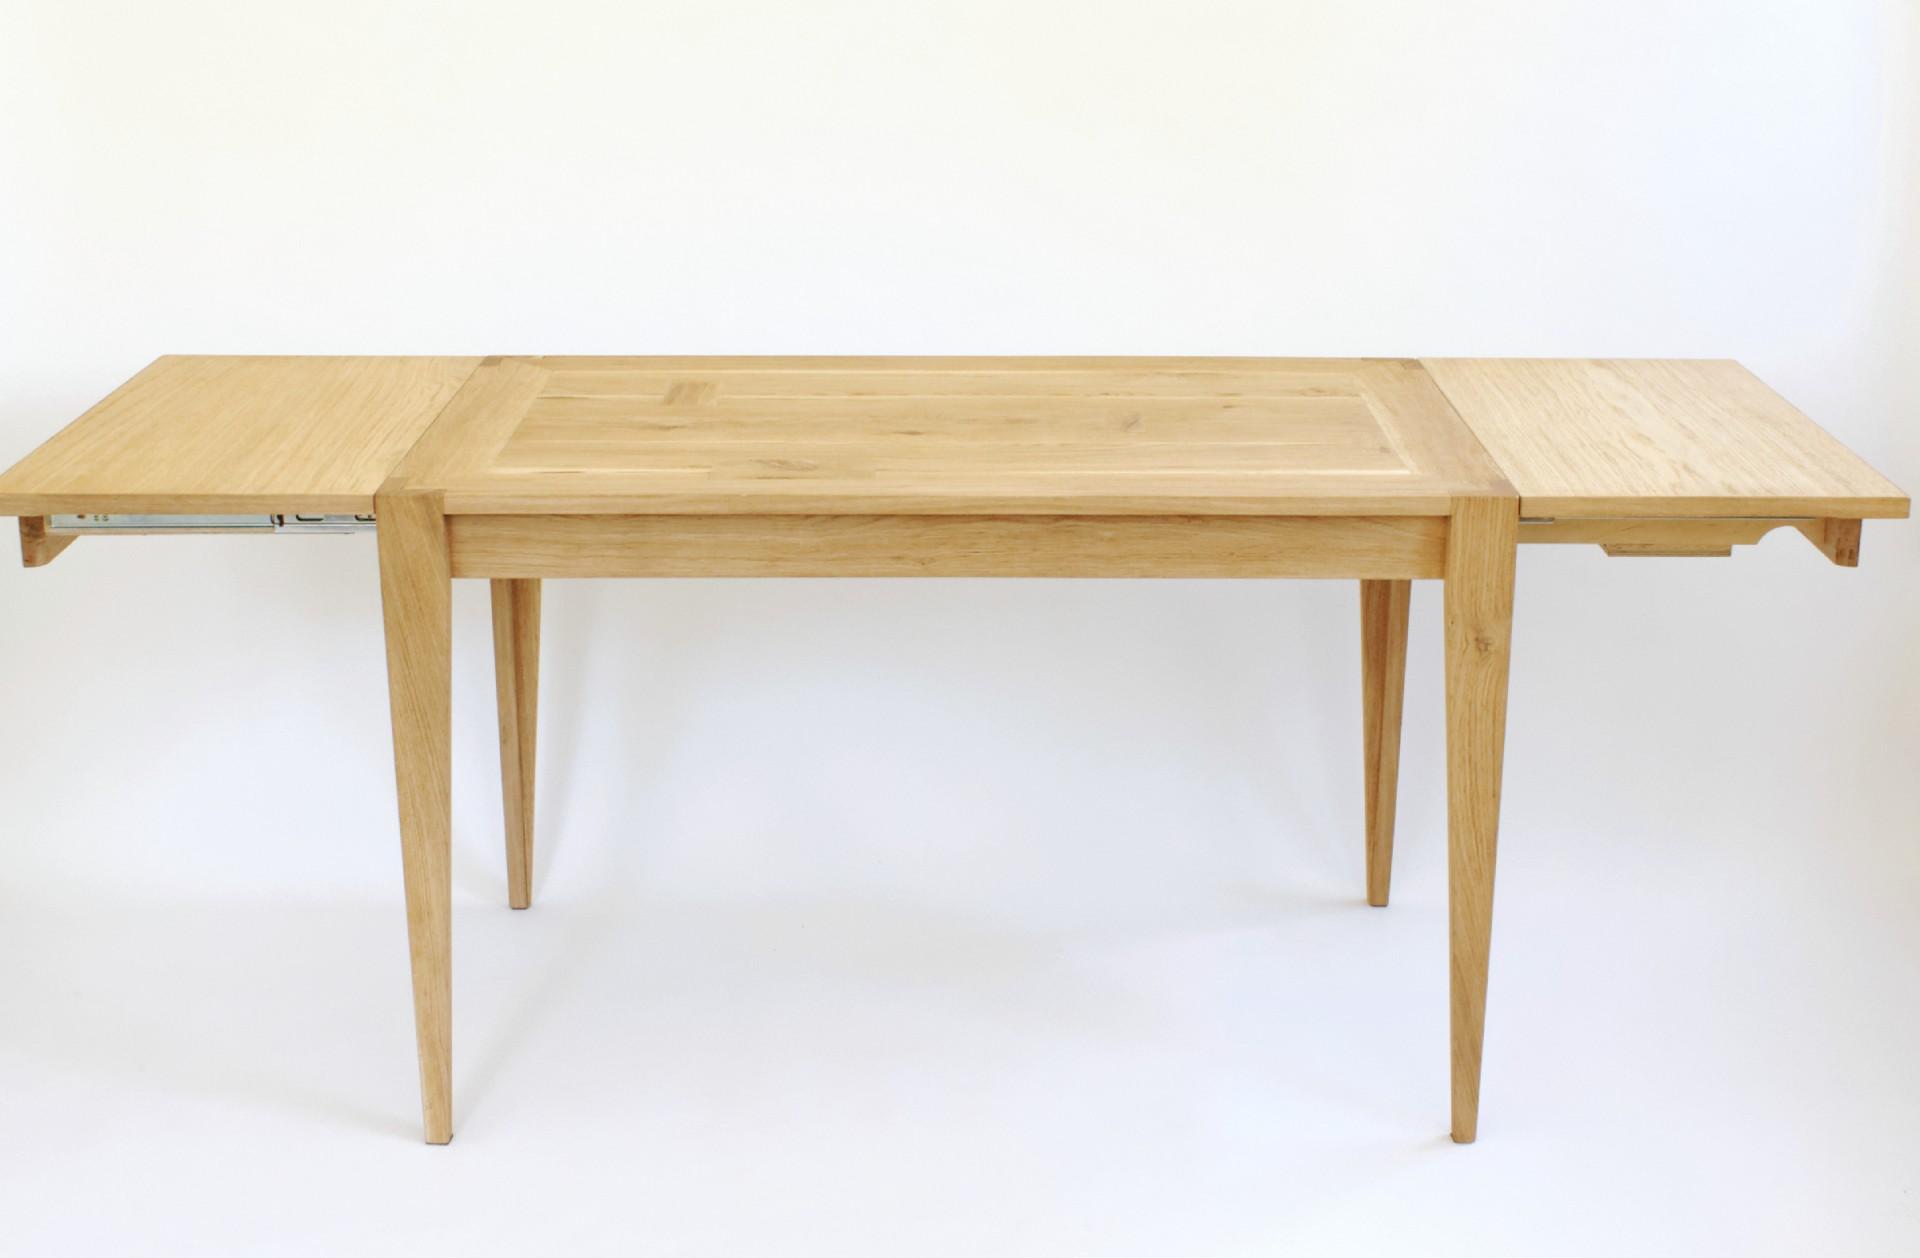 Stół rozkładany 120/204 cm x 72 cm, stół dębowy, stół do jadalni, niepowtarzalny blat